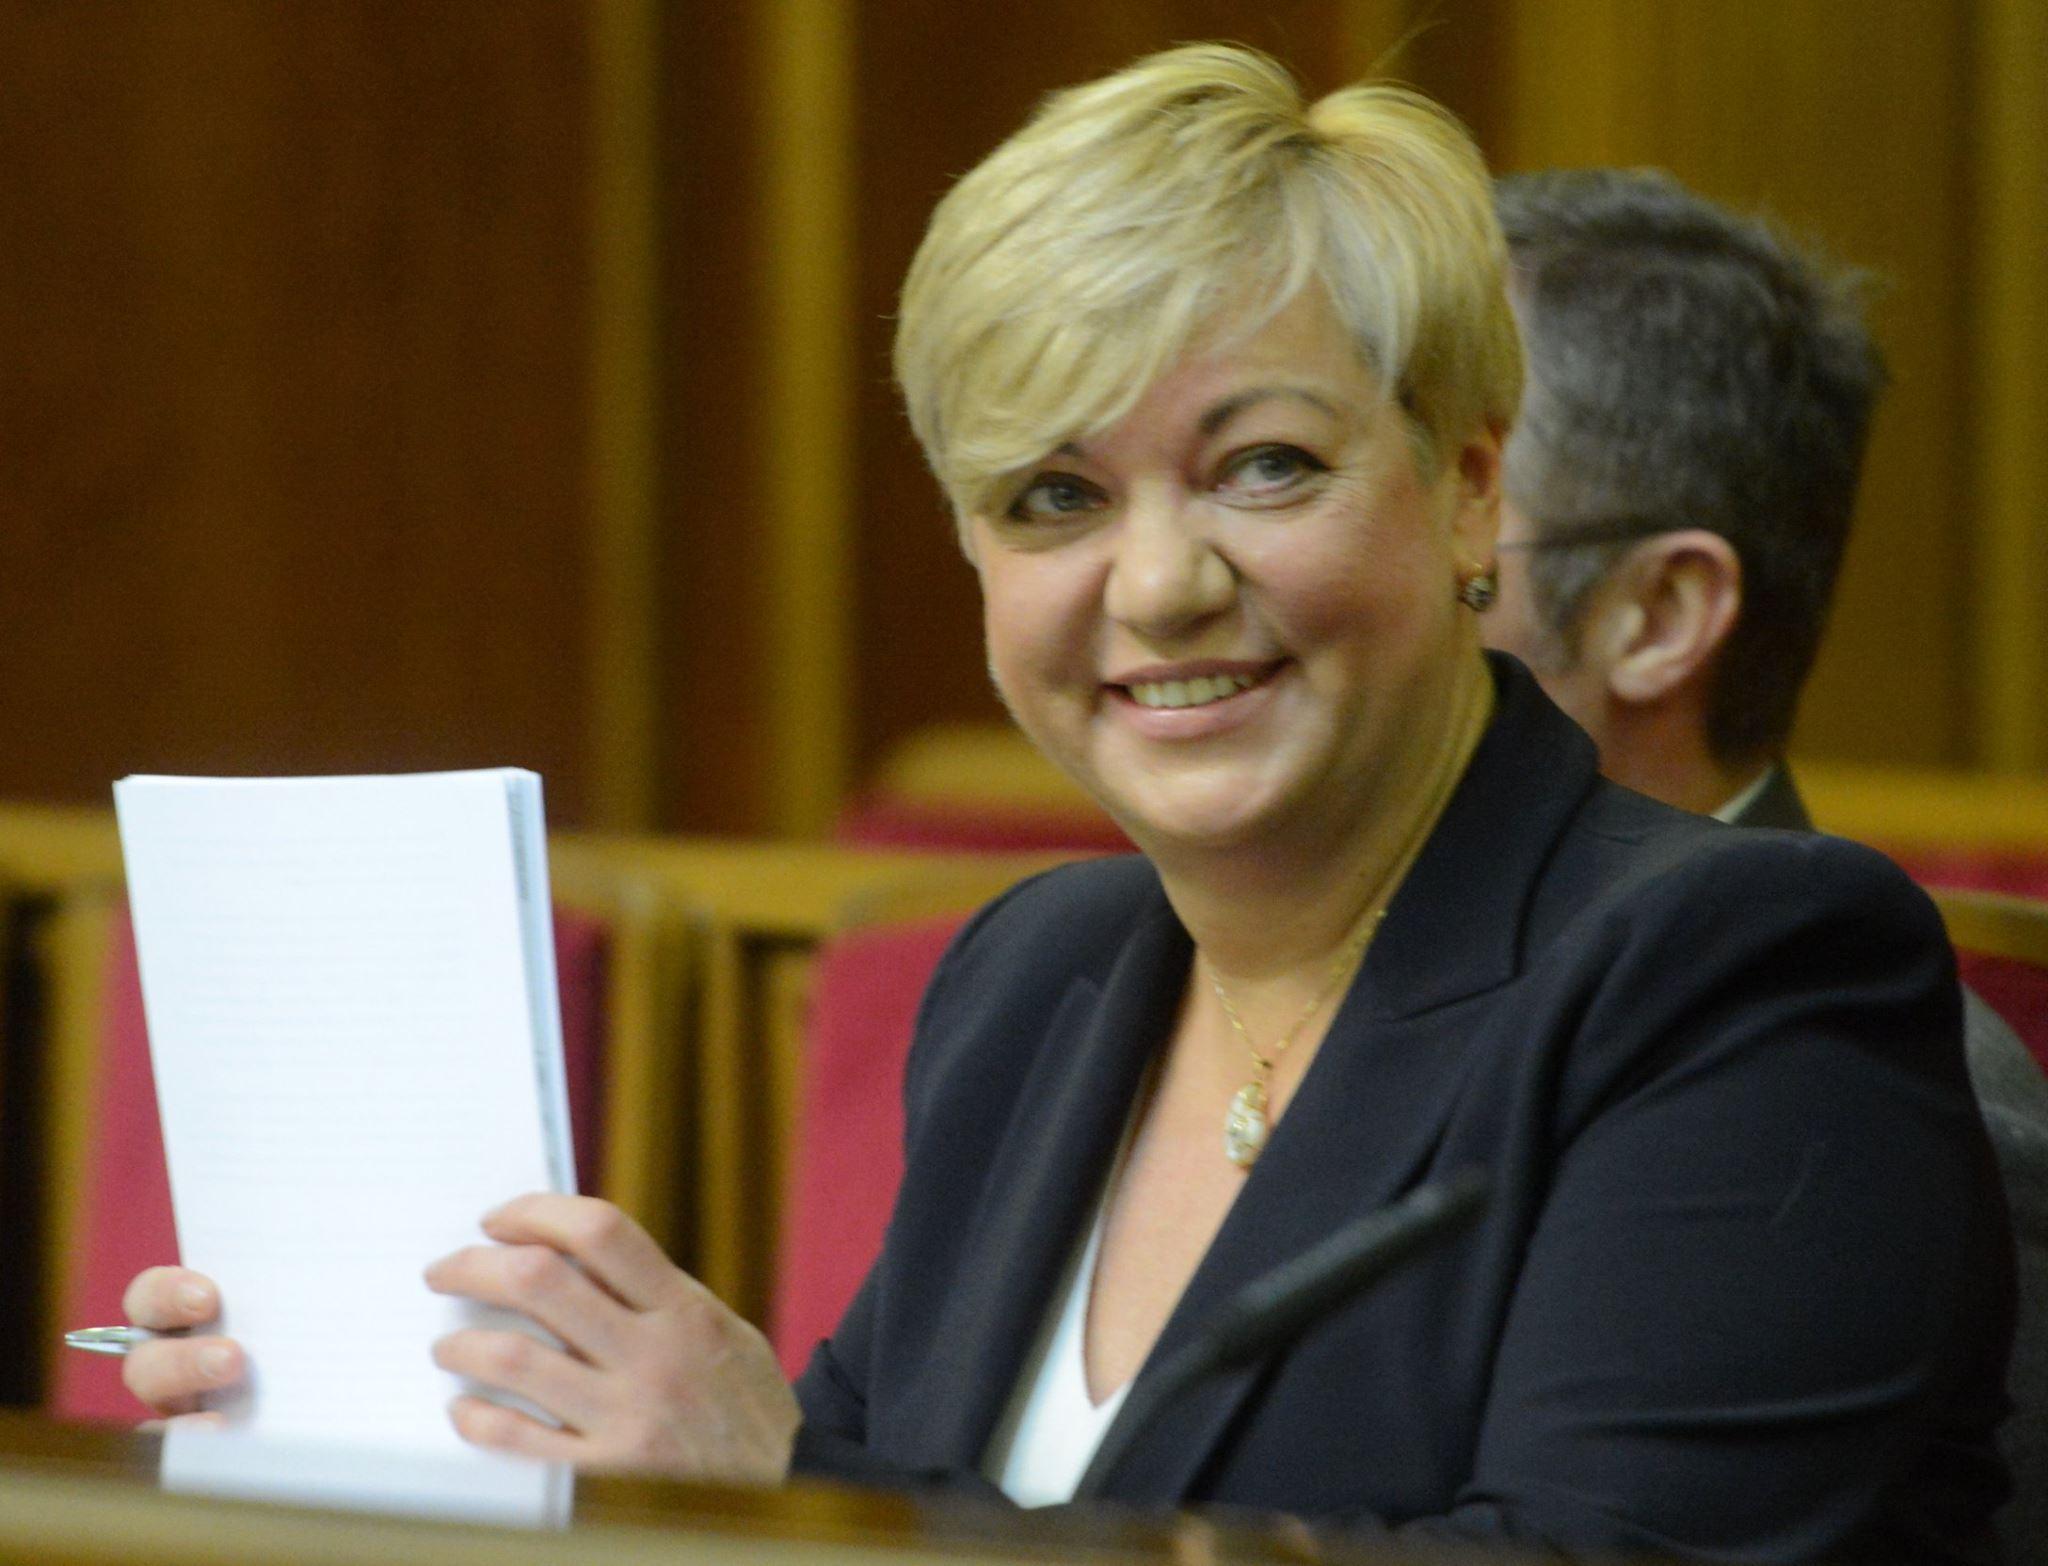 Гонтарева в месяц получает 163 тыс. грн зарплаты